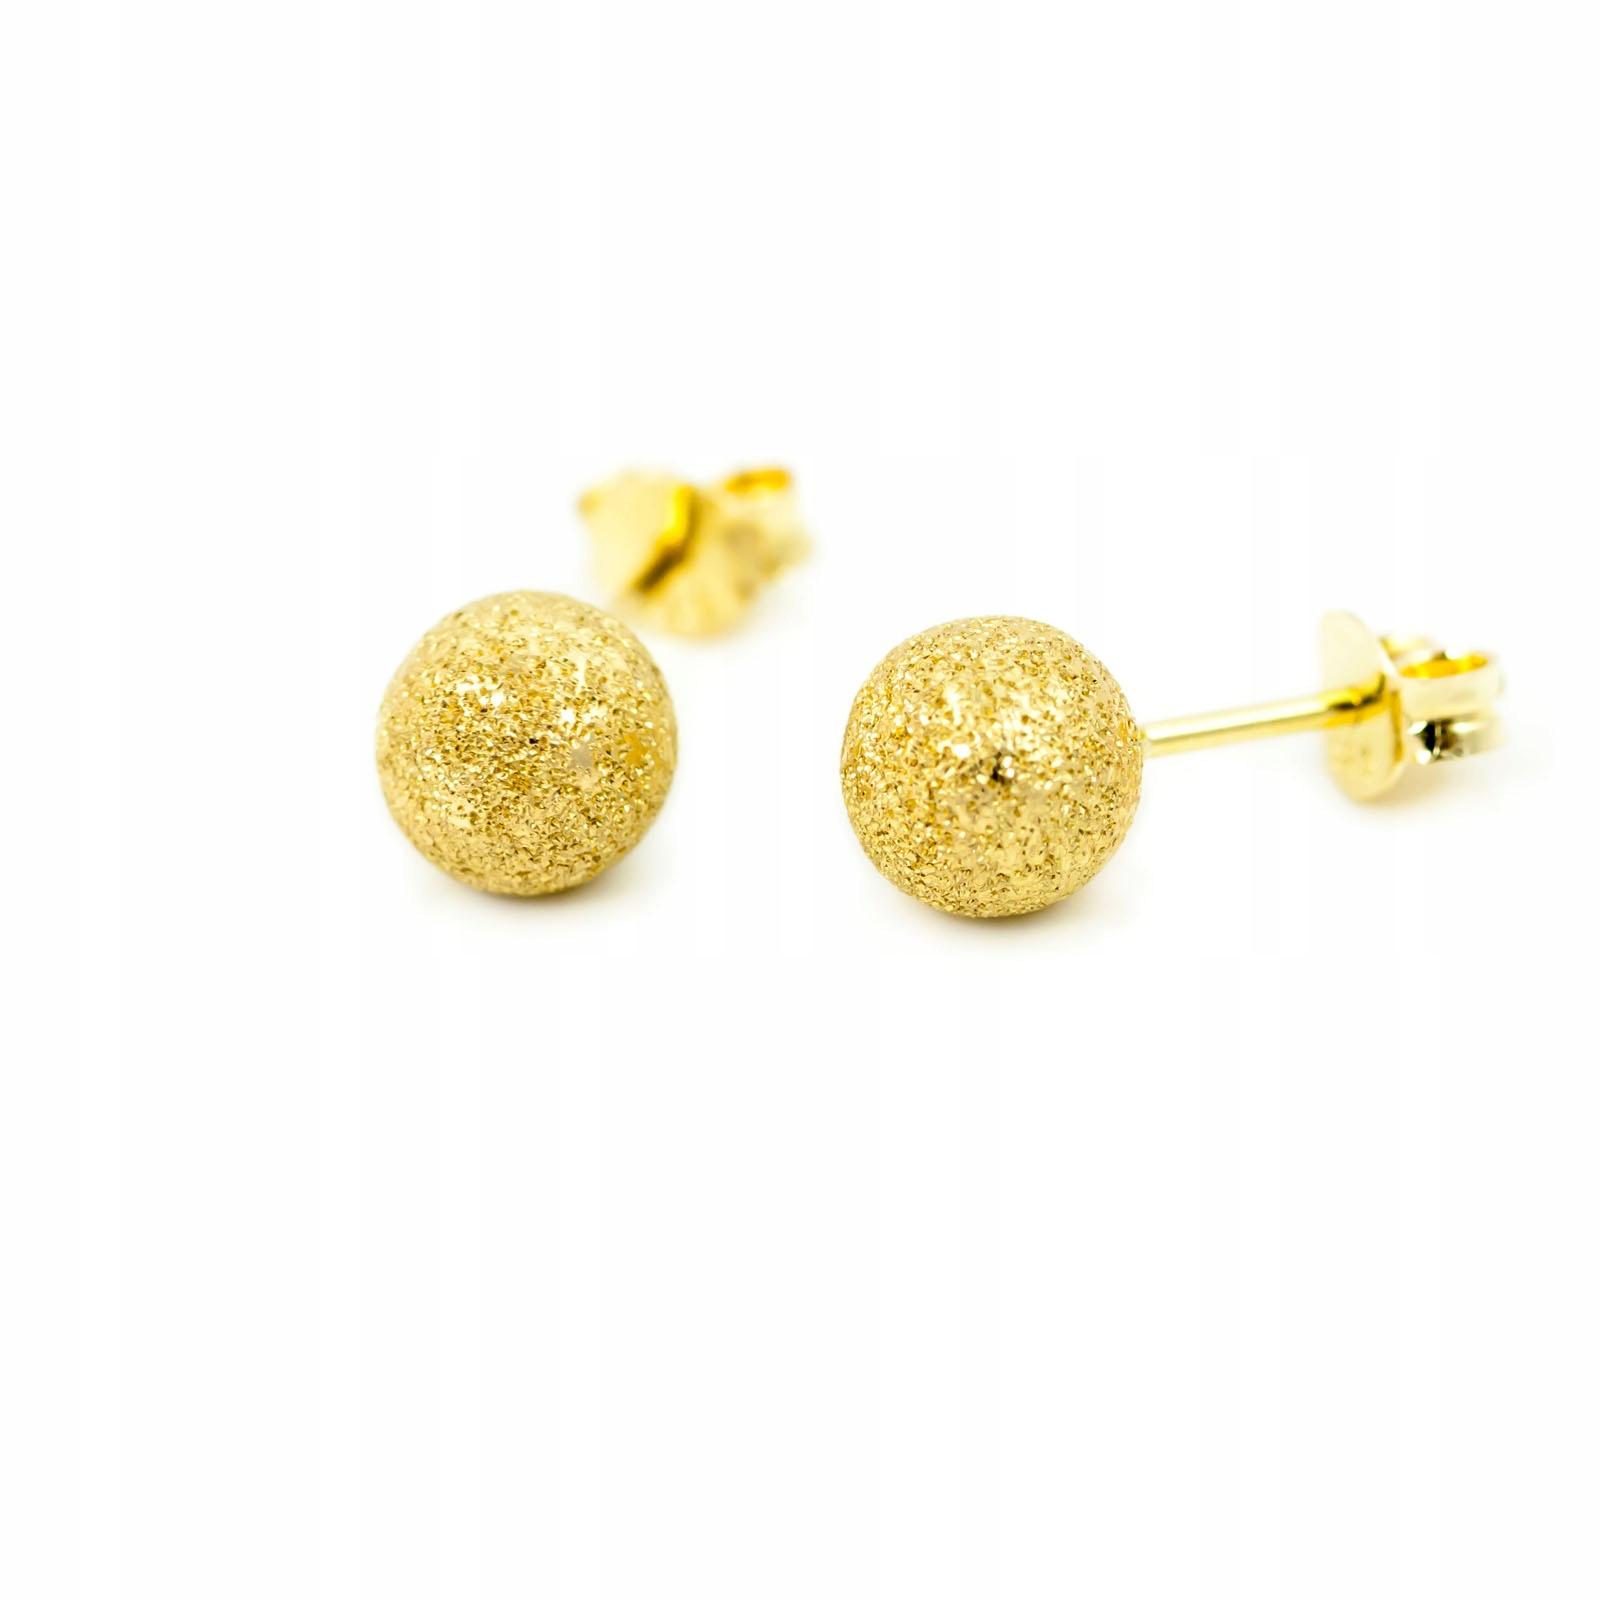 Gold 585 Náušnice Perly Młotkowane 7.0 mm id K1012